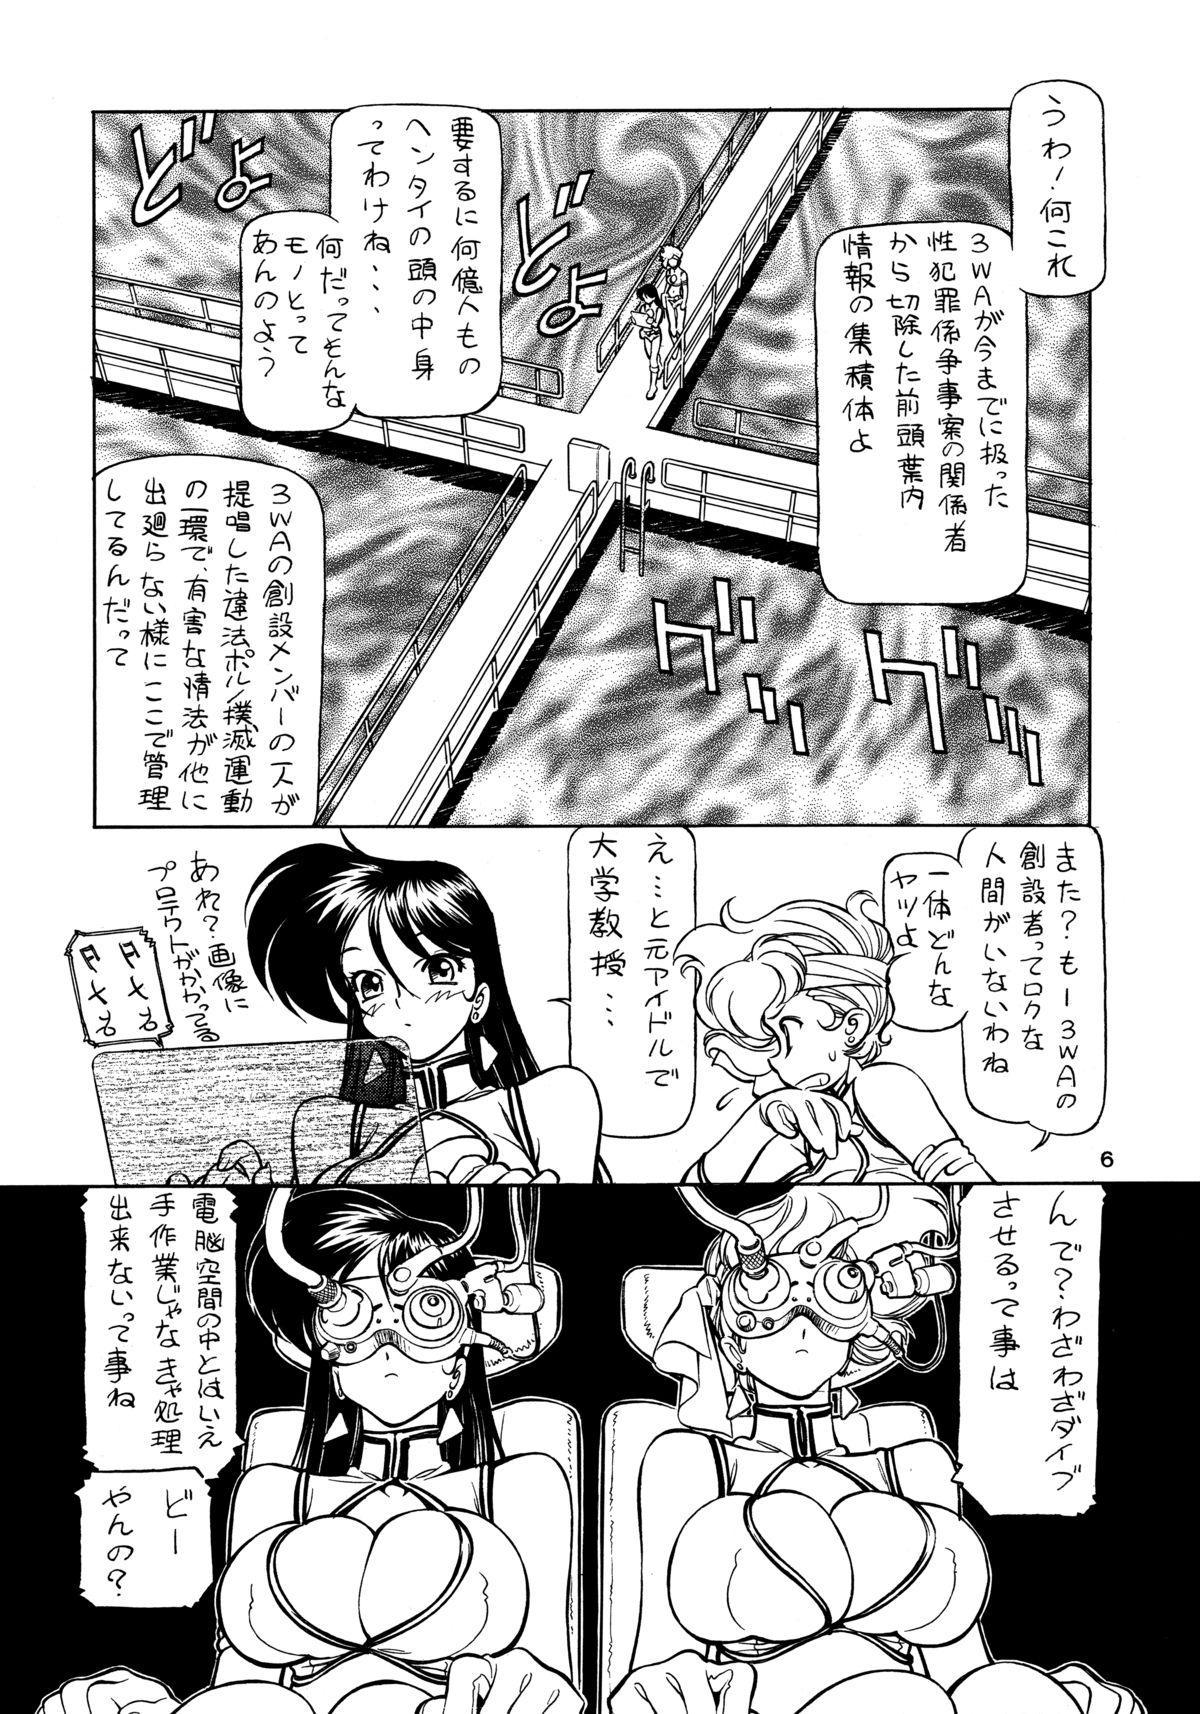 NNDP 8 4